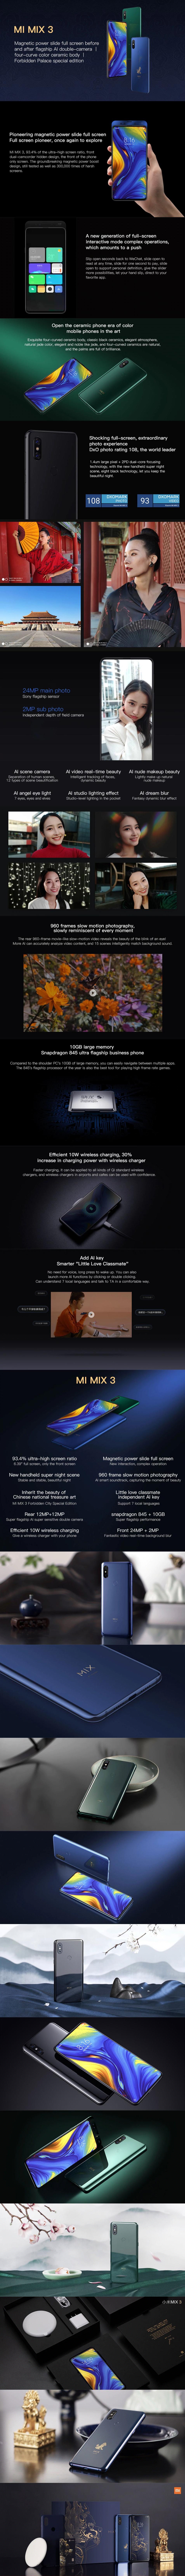 prezentare-mi-mix-32b3919b3e49ea15b.png